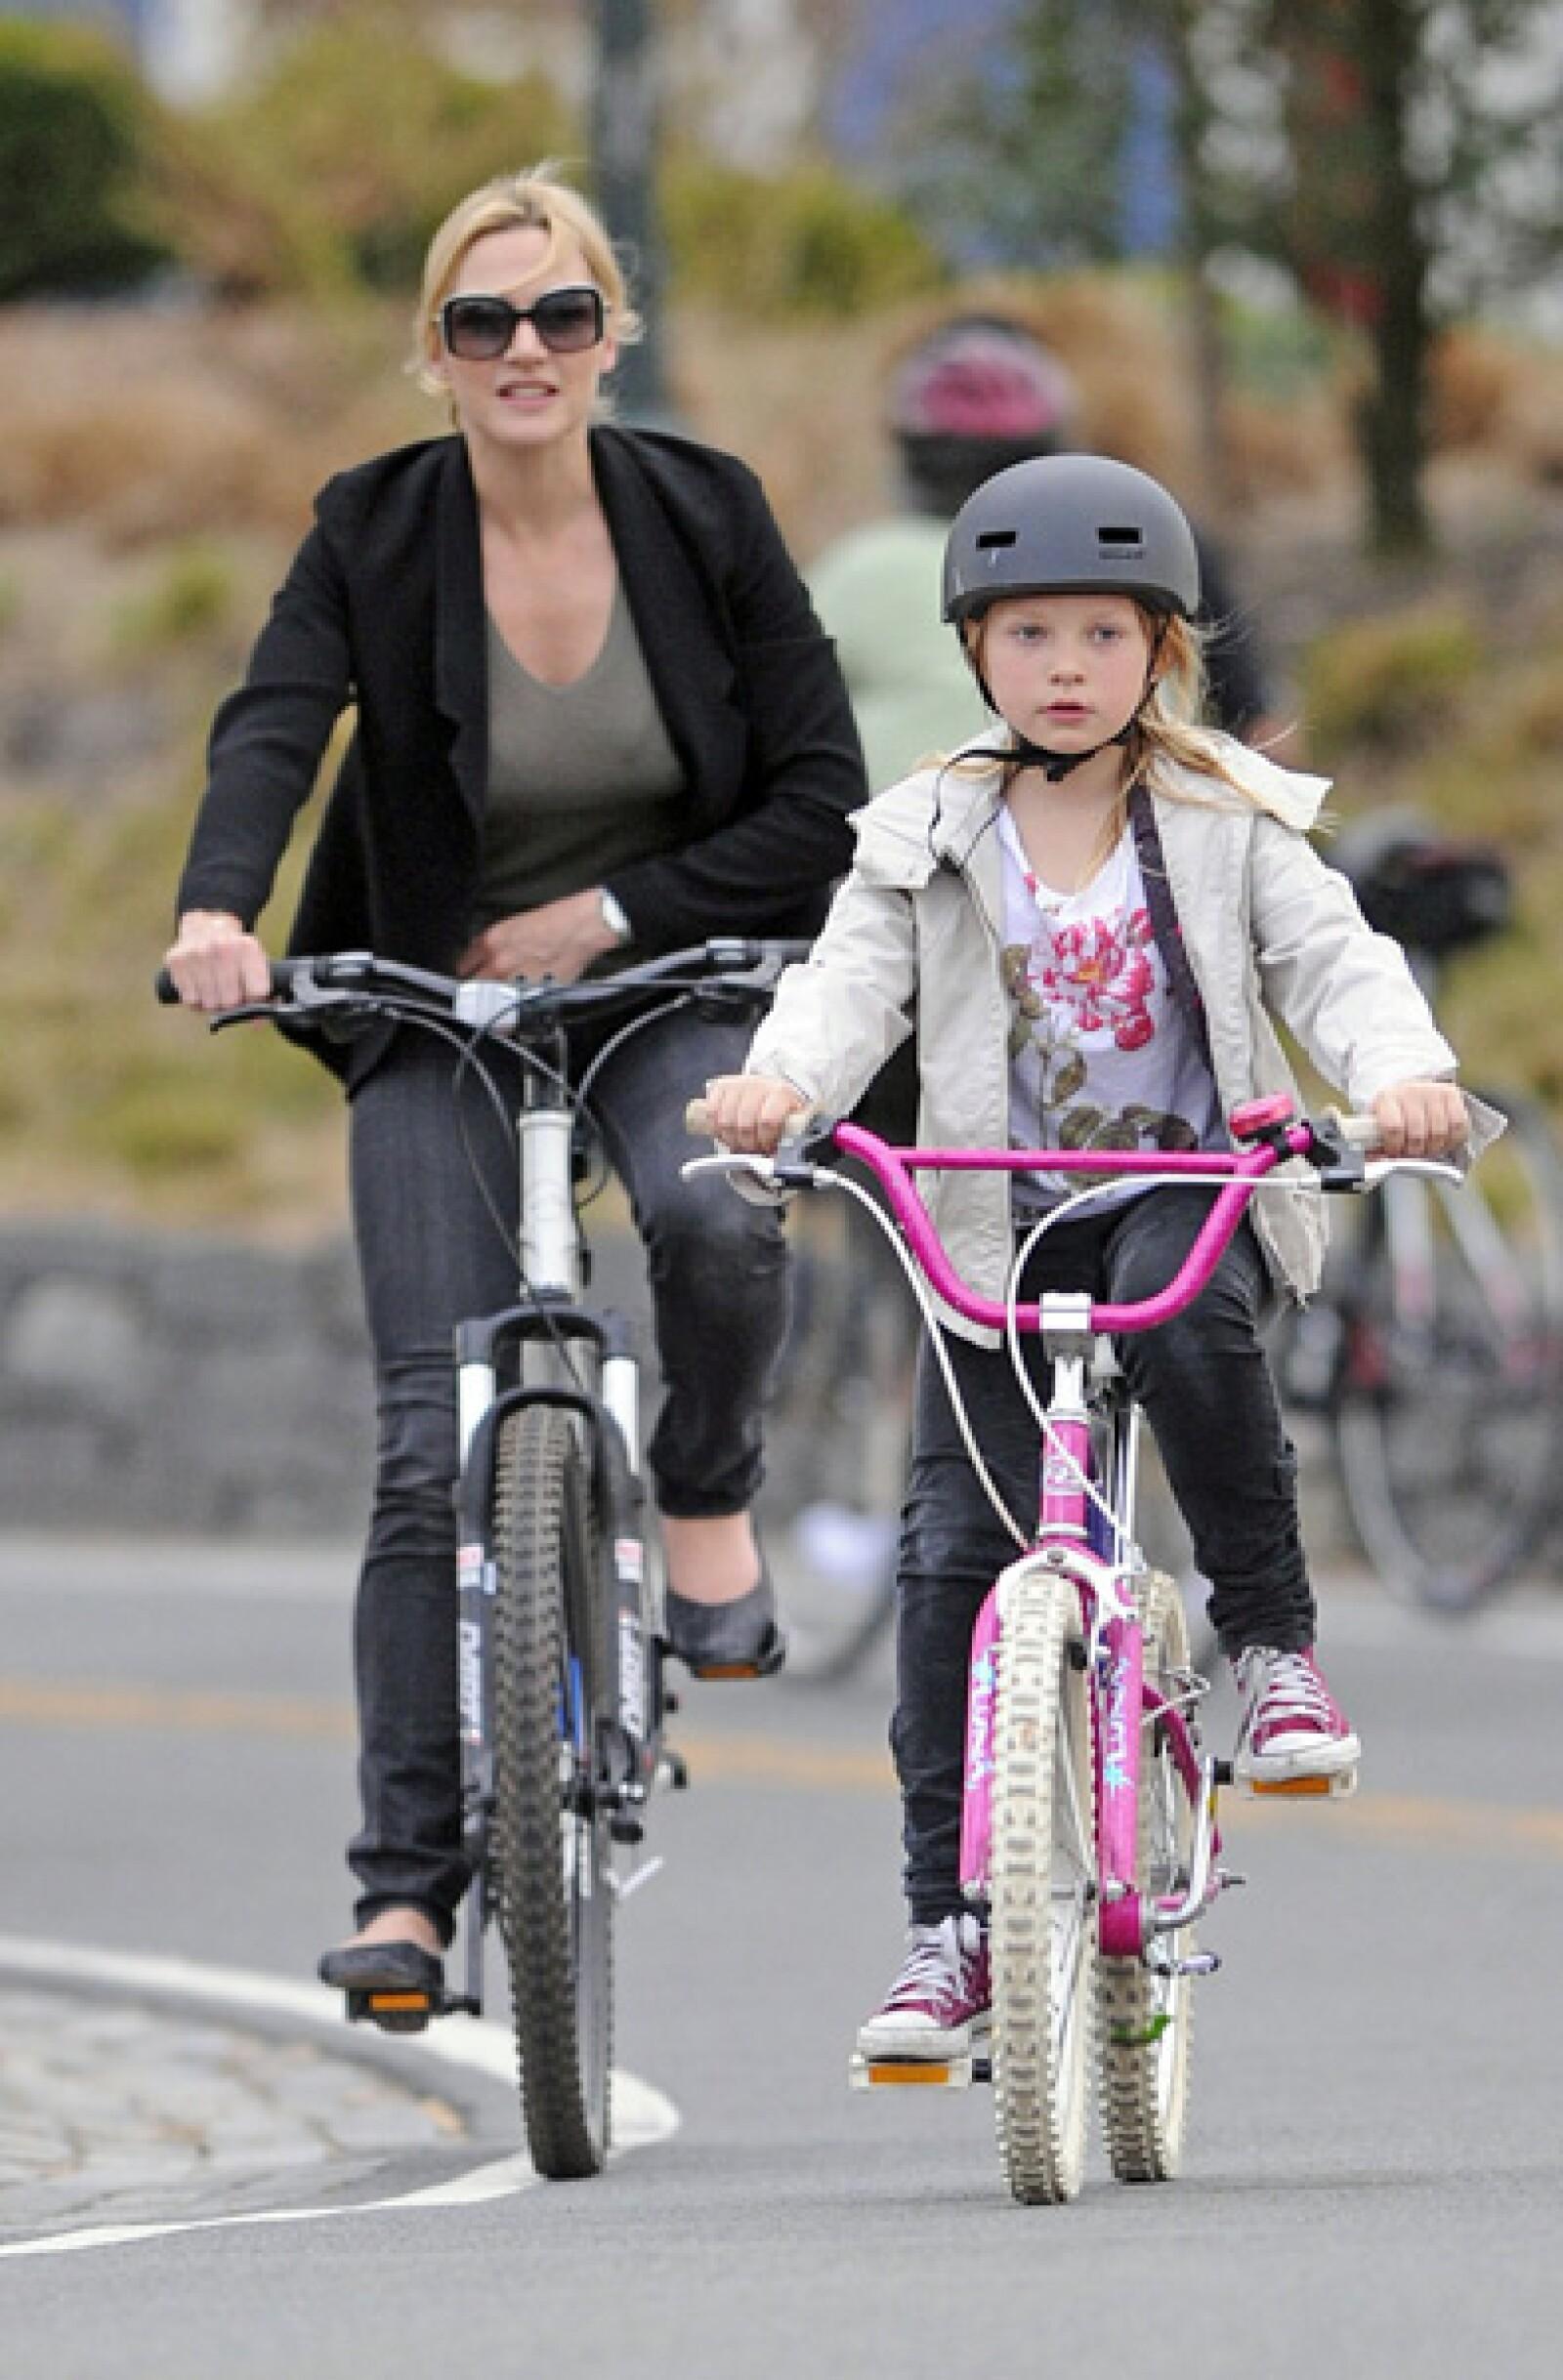 No todo es trabajo para Kate Winslet, pues también se da tiempo para pedalear al lado de su hija Mia a lo largo del Hudson River Parkway en Nueva York.